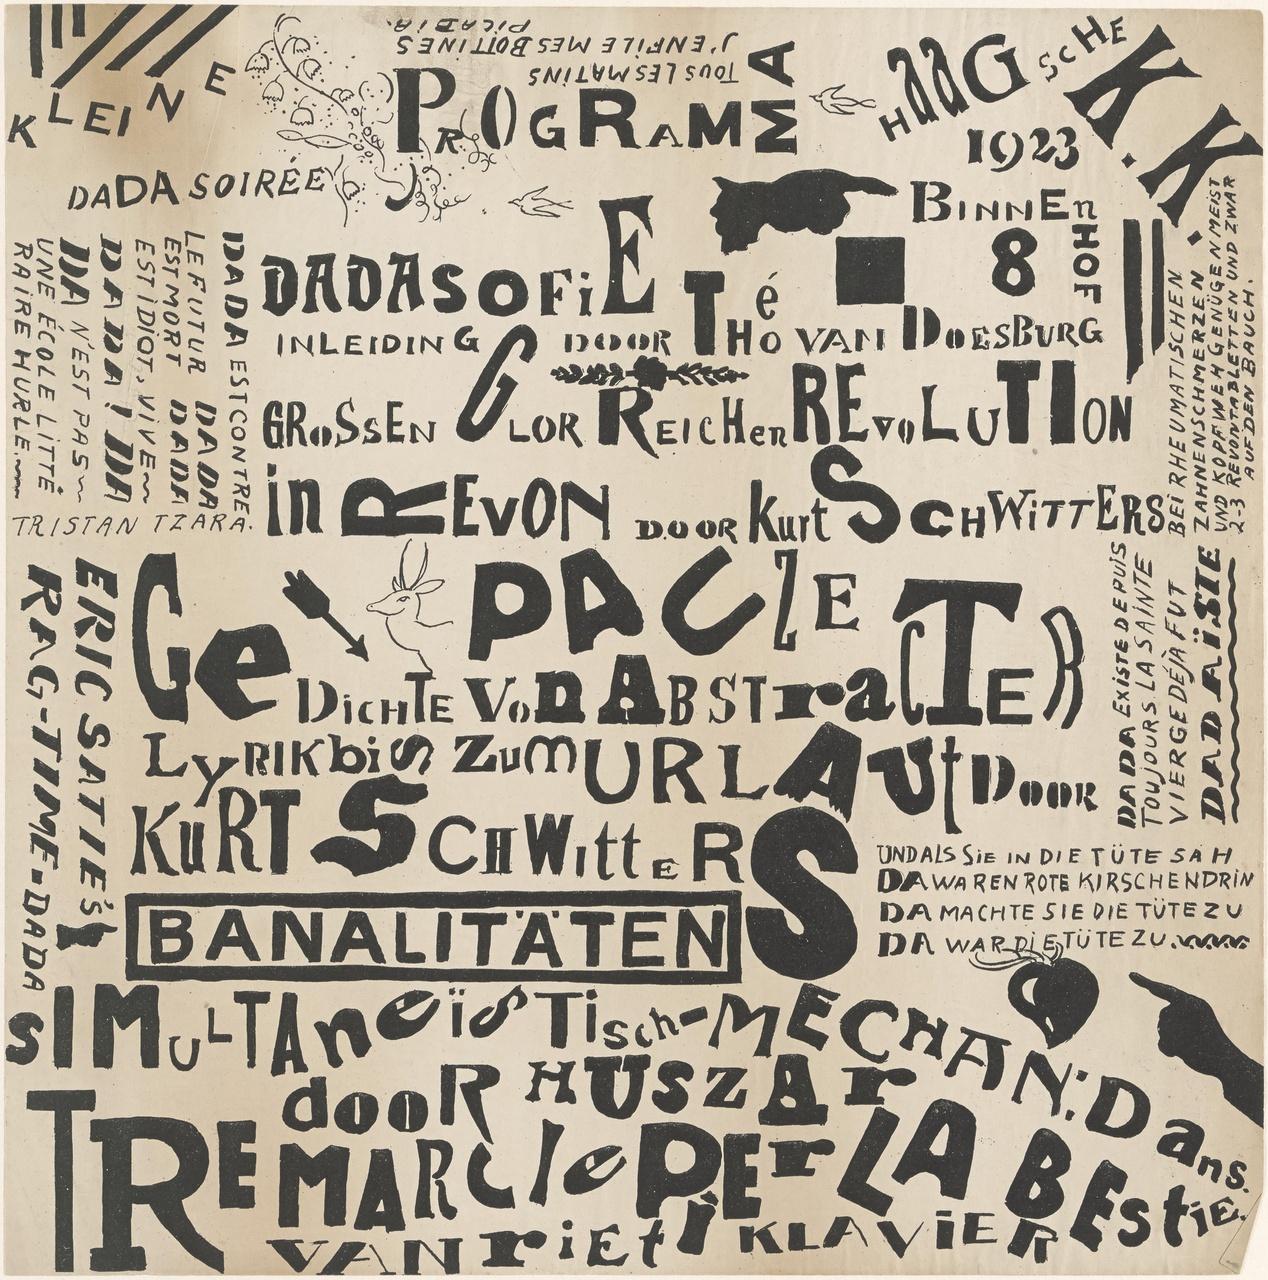 Affiche Kleine Dadasoirée (zwarte drukgang)